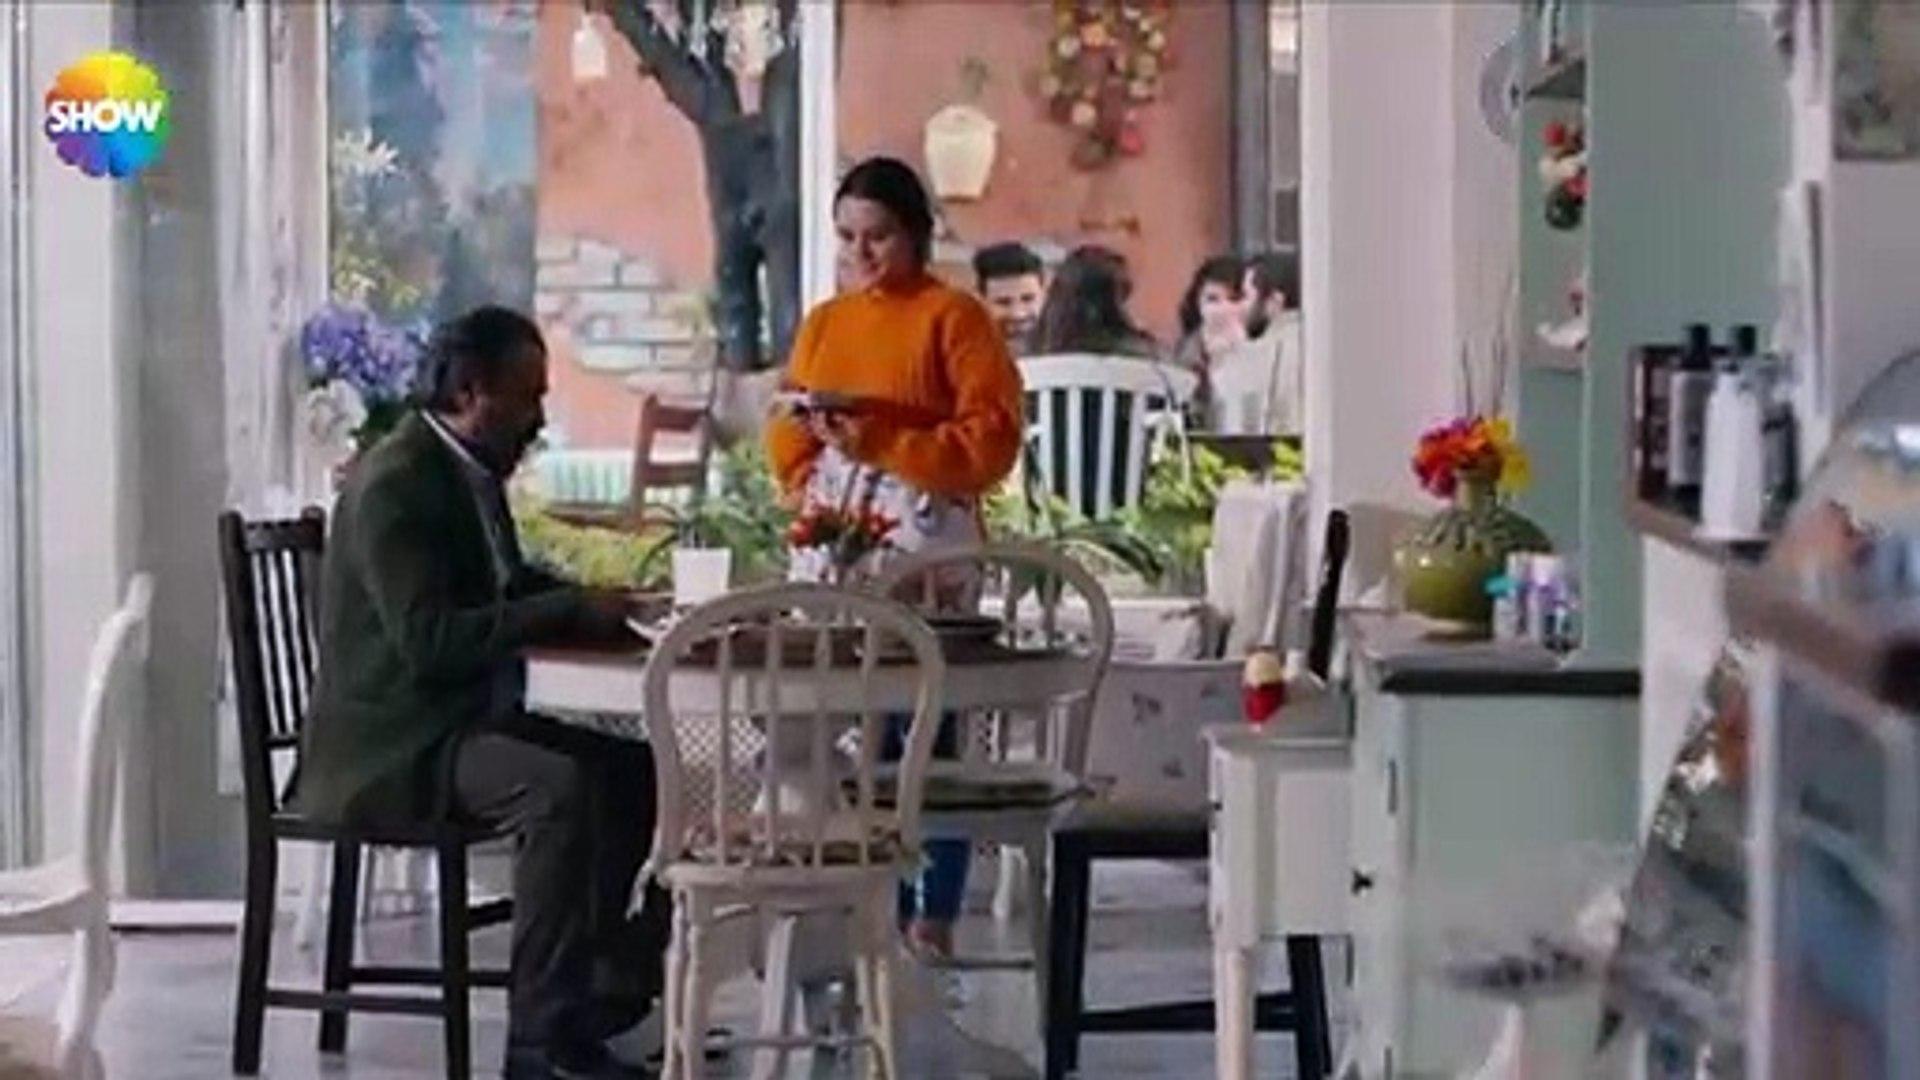 Hd مسلسل نبضات قلب الحلقة 31 كاملة مترجمة للعربية